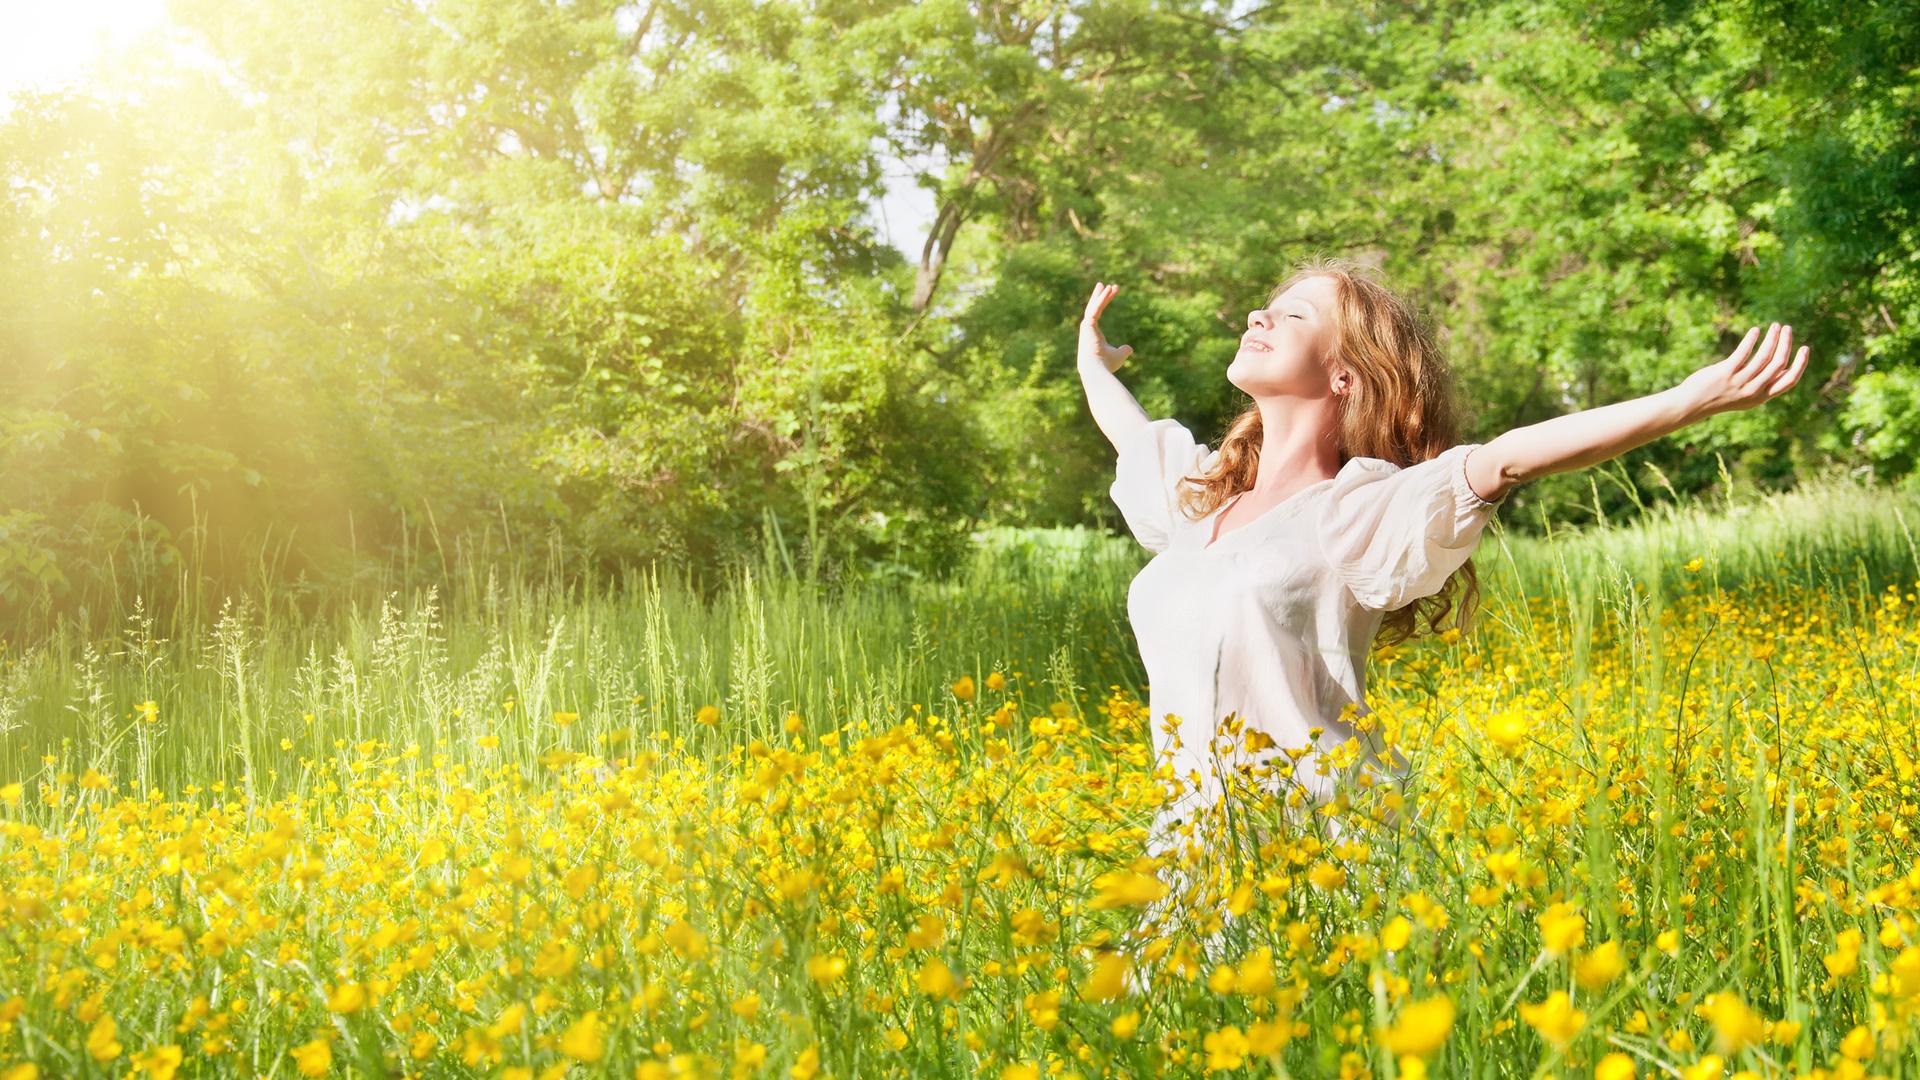 для дачи картинки радоваться жизни природа образом